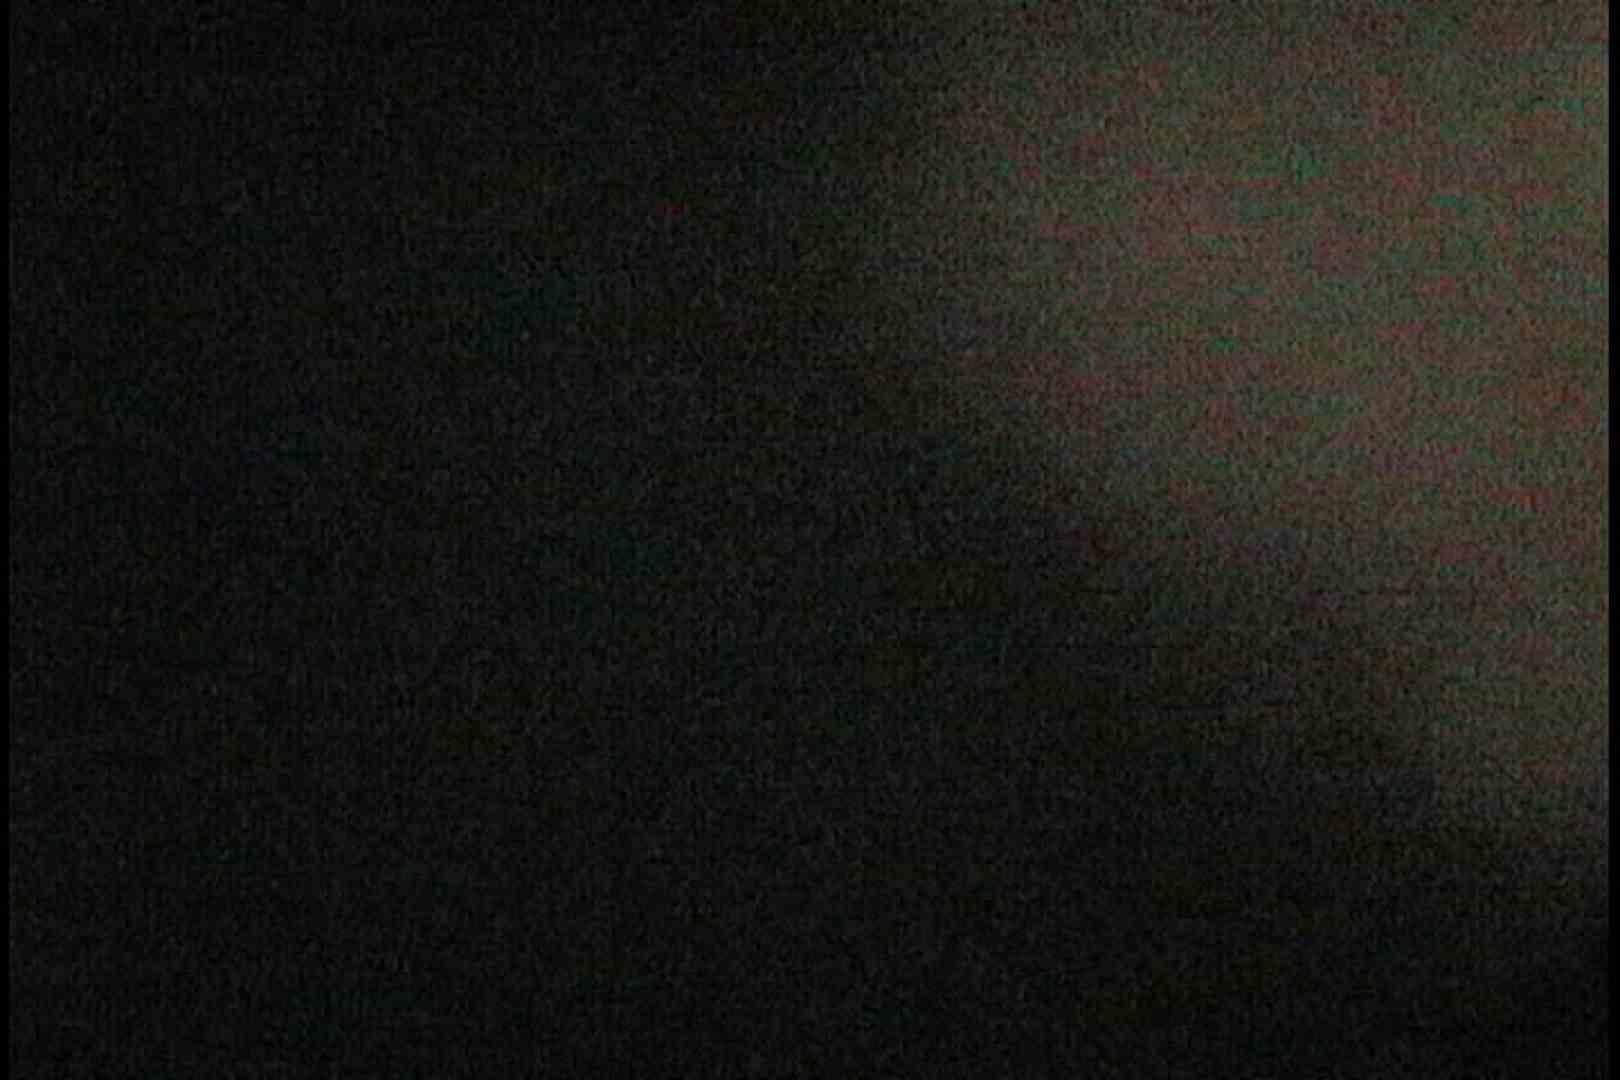 盗撮AV:No.68 見事に可愛い巨乳ちゃん 室内暗いです:怪盗ジョーカー